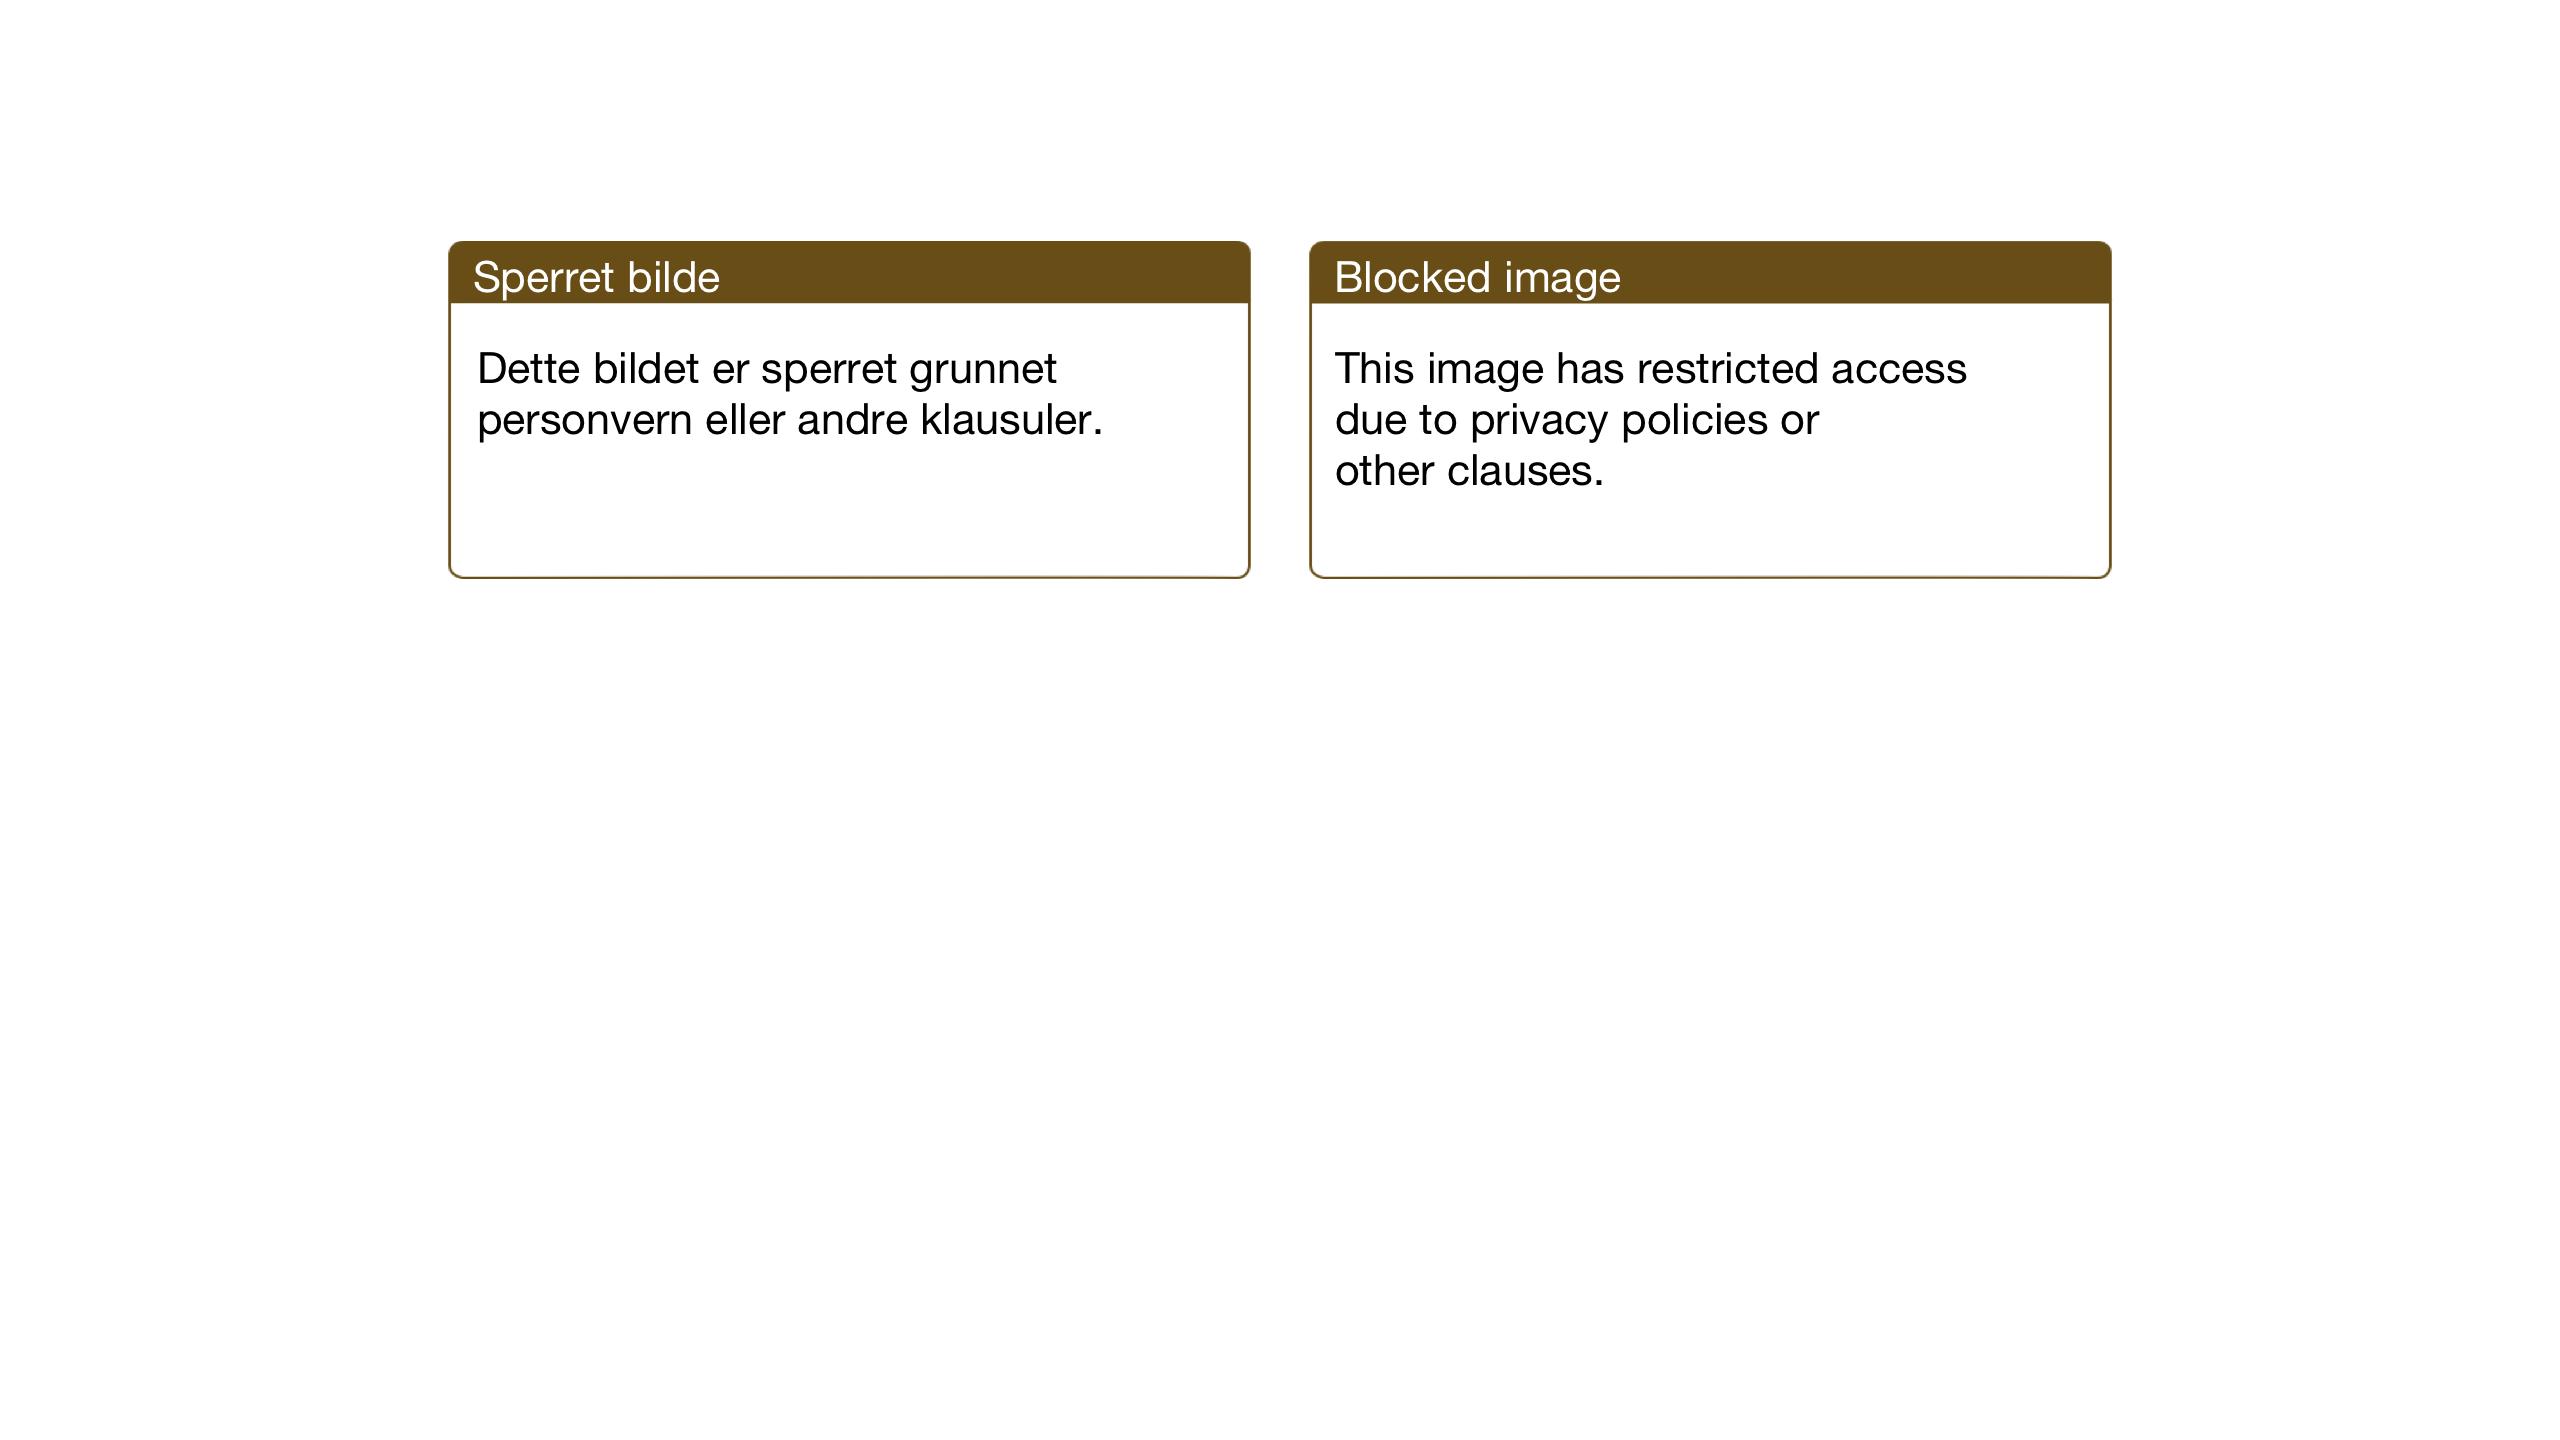 SAT, Ministerialprotokoller, klokkerbøker og fødselsregistre - Sør-Trøndelag, 672/L0866: Klokkerbok nr. 672C05, 1929-1939, s. 44